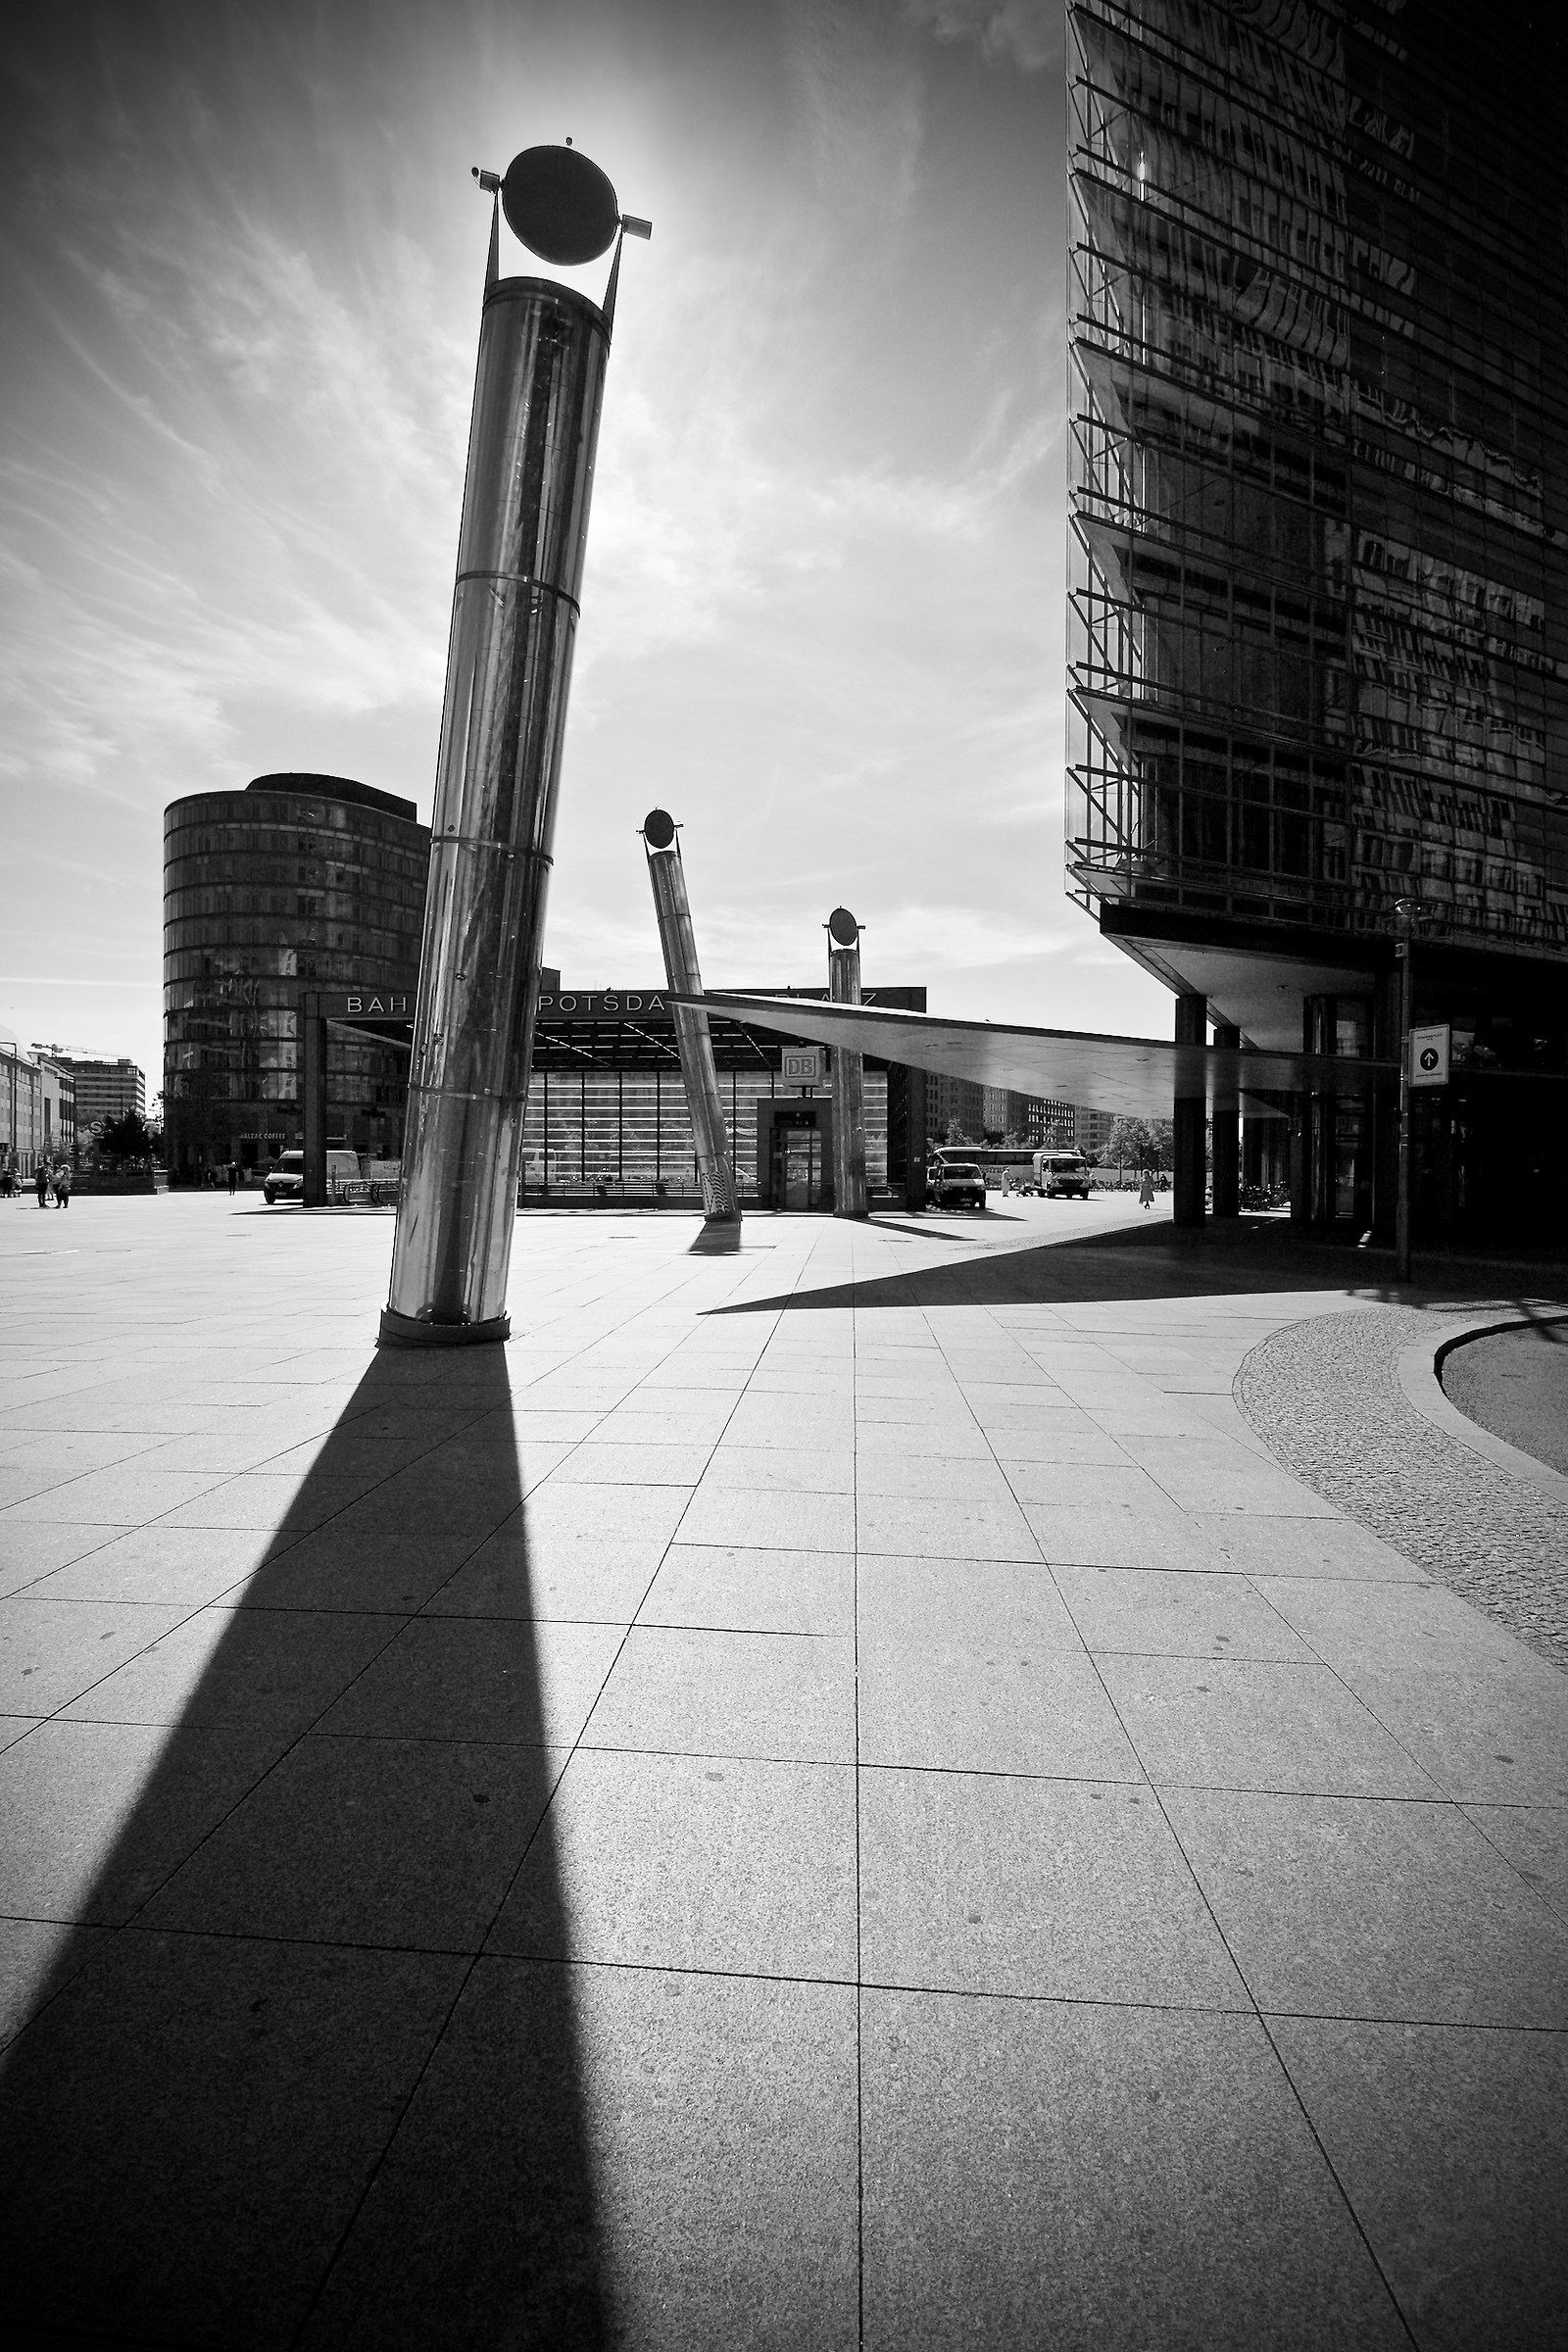 Berlin 2016: Potsdamer Platz...